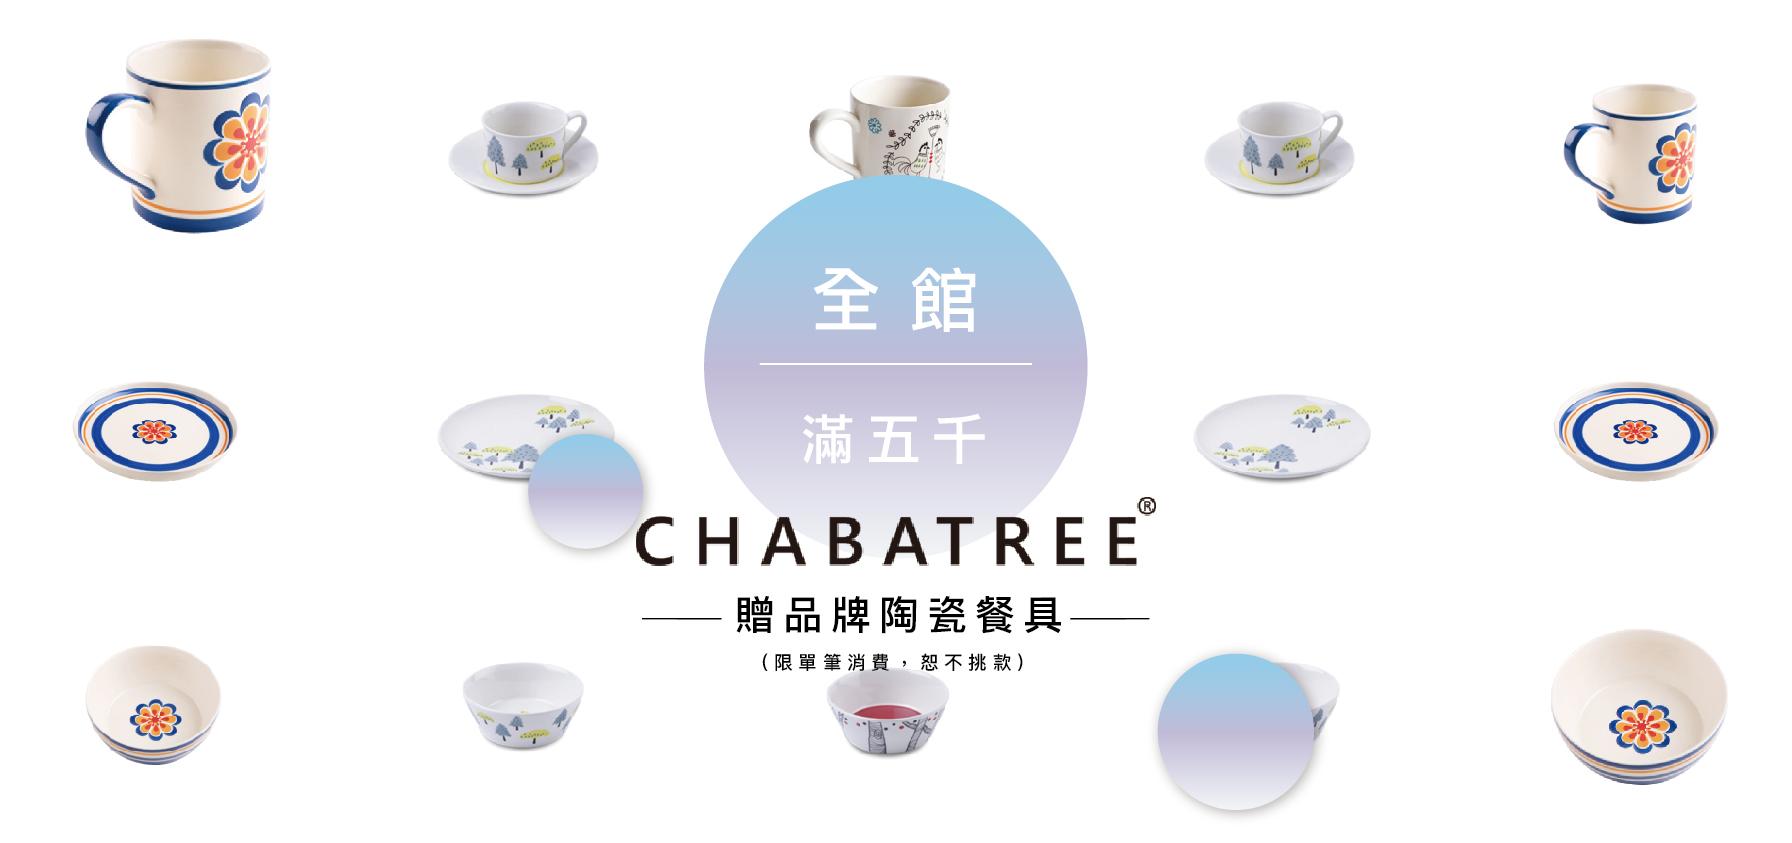 滿五千送chabatree陶瓷餐具,促銷活動